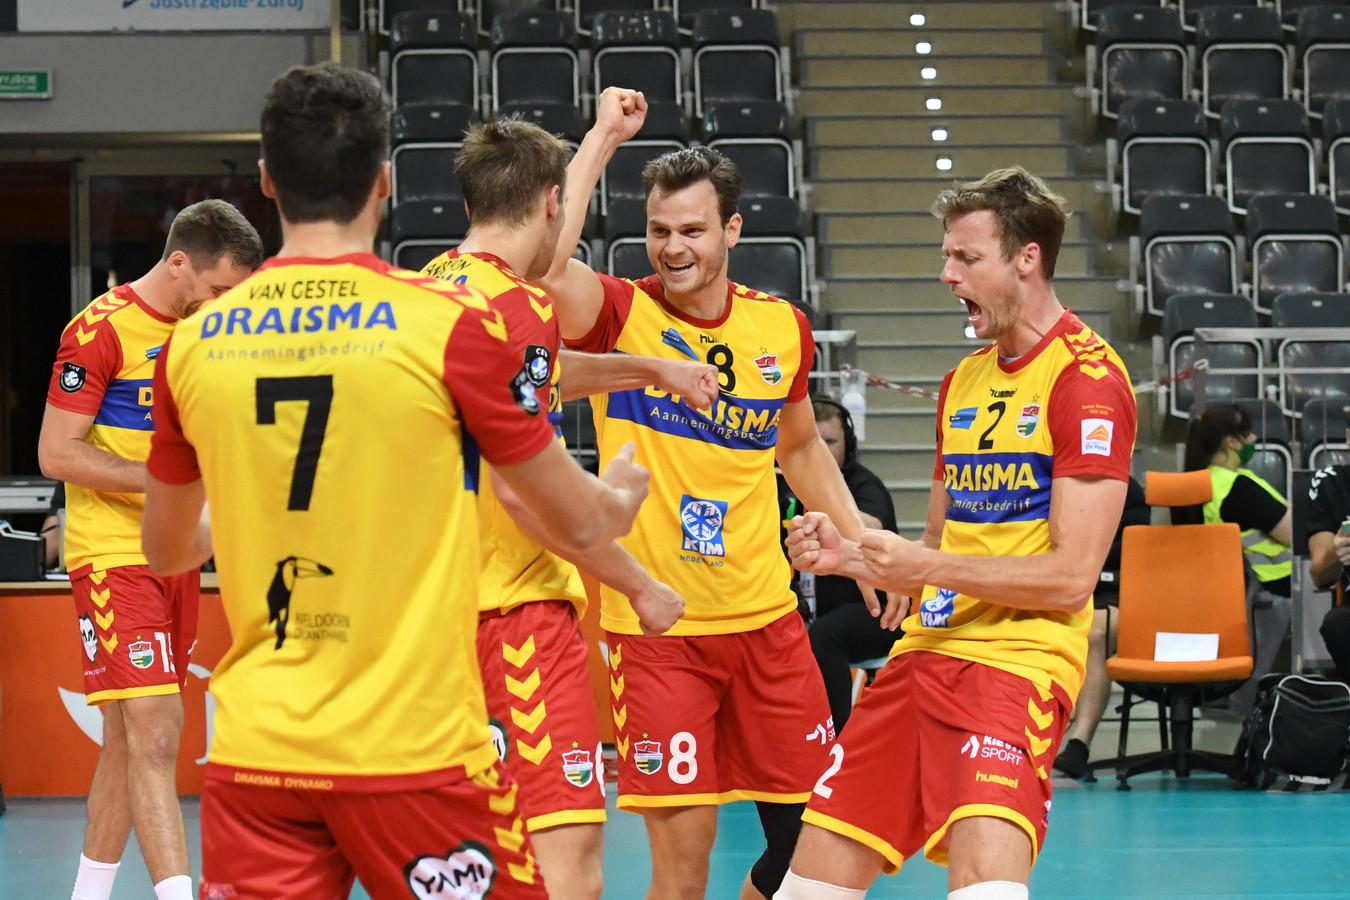 Jeroen Rauwerdink (rechts) schreeuwt het uit van blijdschap nadat Draisma Dynamo wint van Stroitel Minsk. Freek de Weijer (8) viert het feestje mee.